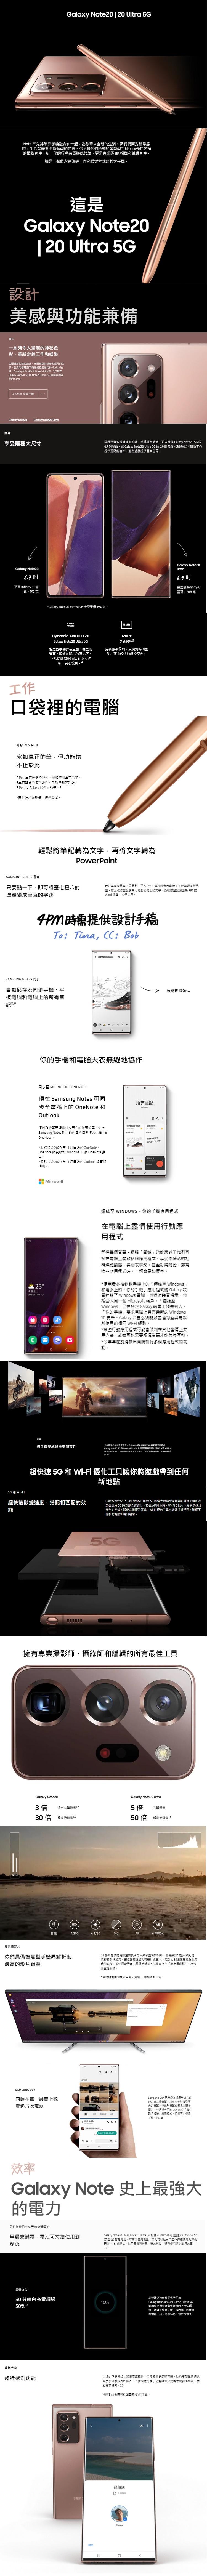 ☆小胖☆亞太攜碼 月租646 三星 Galaxy Note 20 Ultra 5G手機 歡迎門號續約 現場提供免卡分期